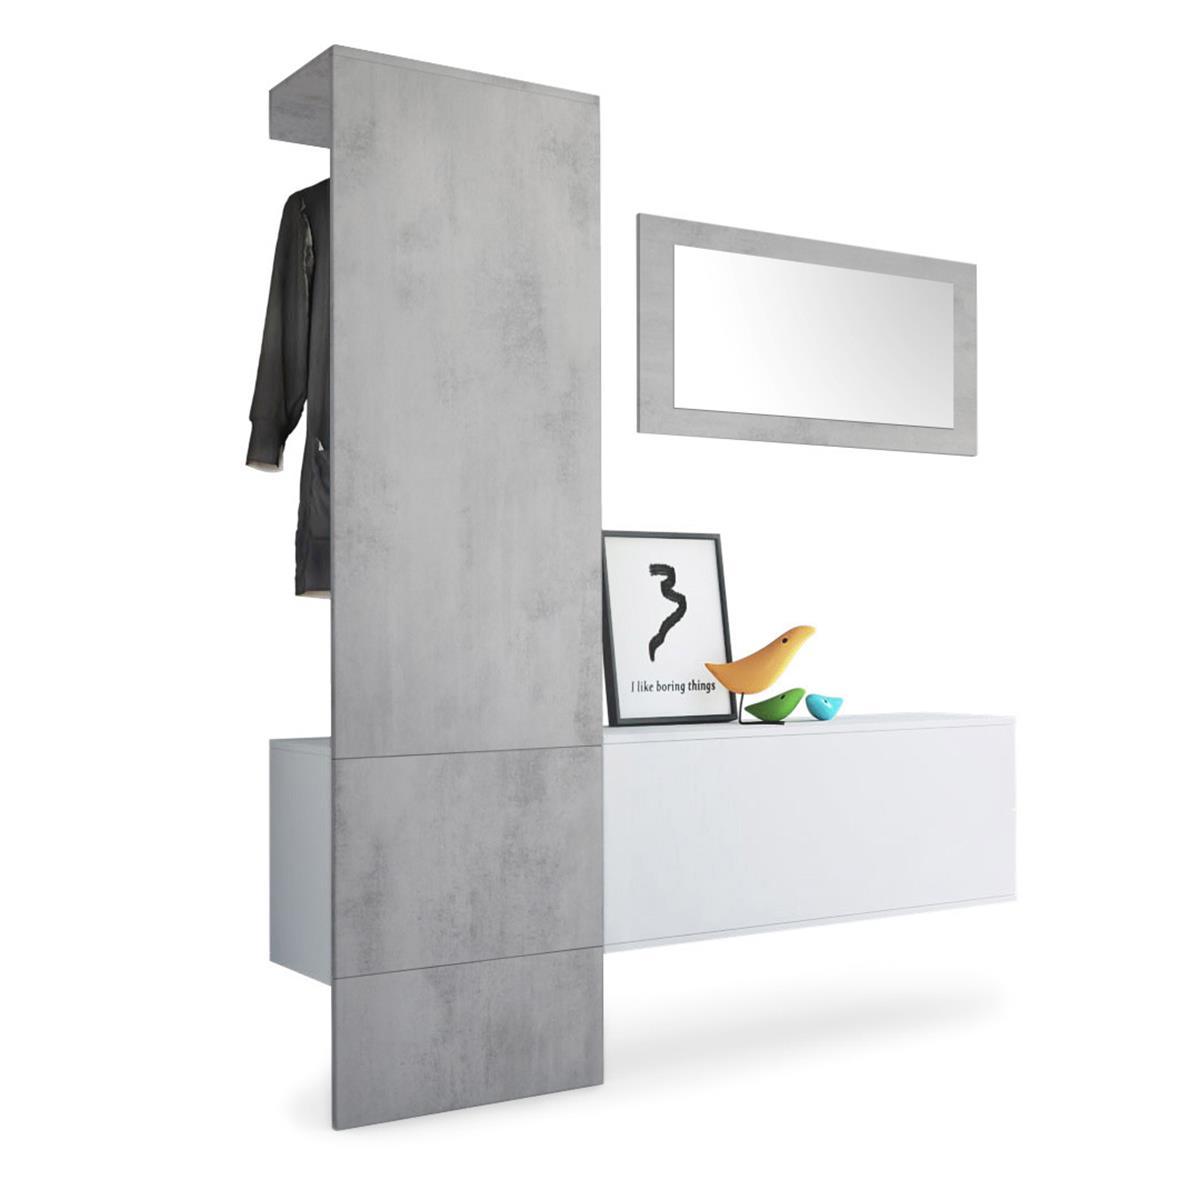 Verzauberkunst Garderobe Bilder Sammlung Von Carlton Set 4 Beton Oxid, Spiegel Beton